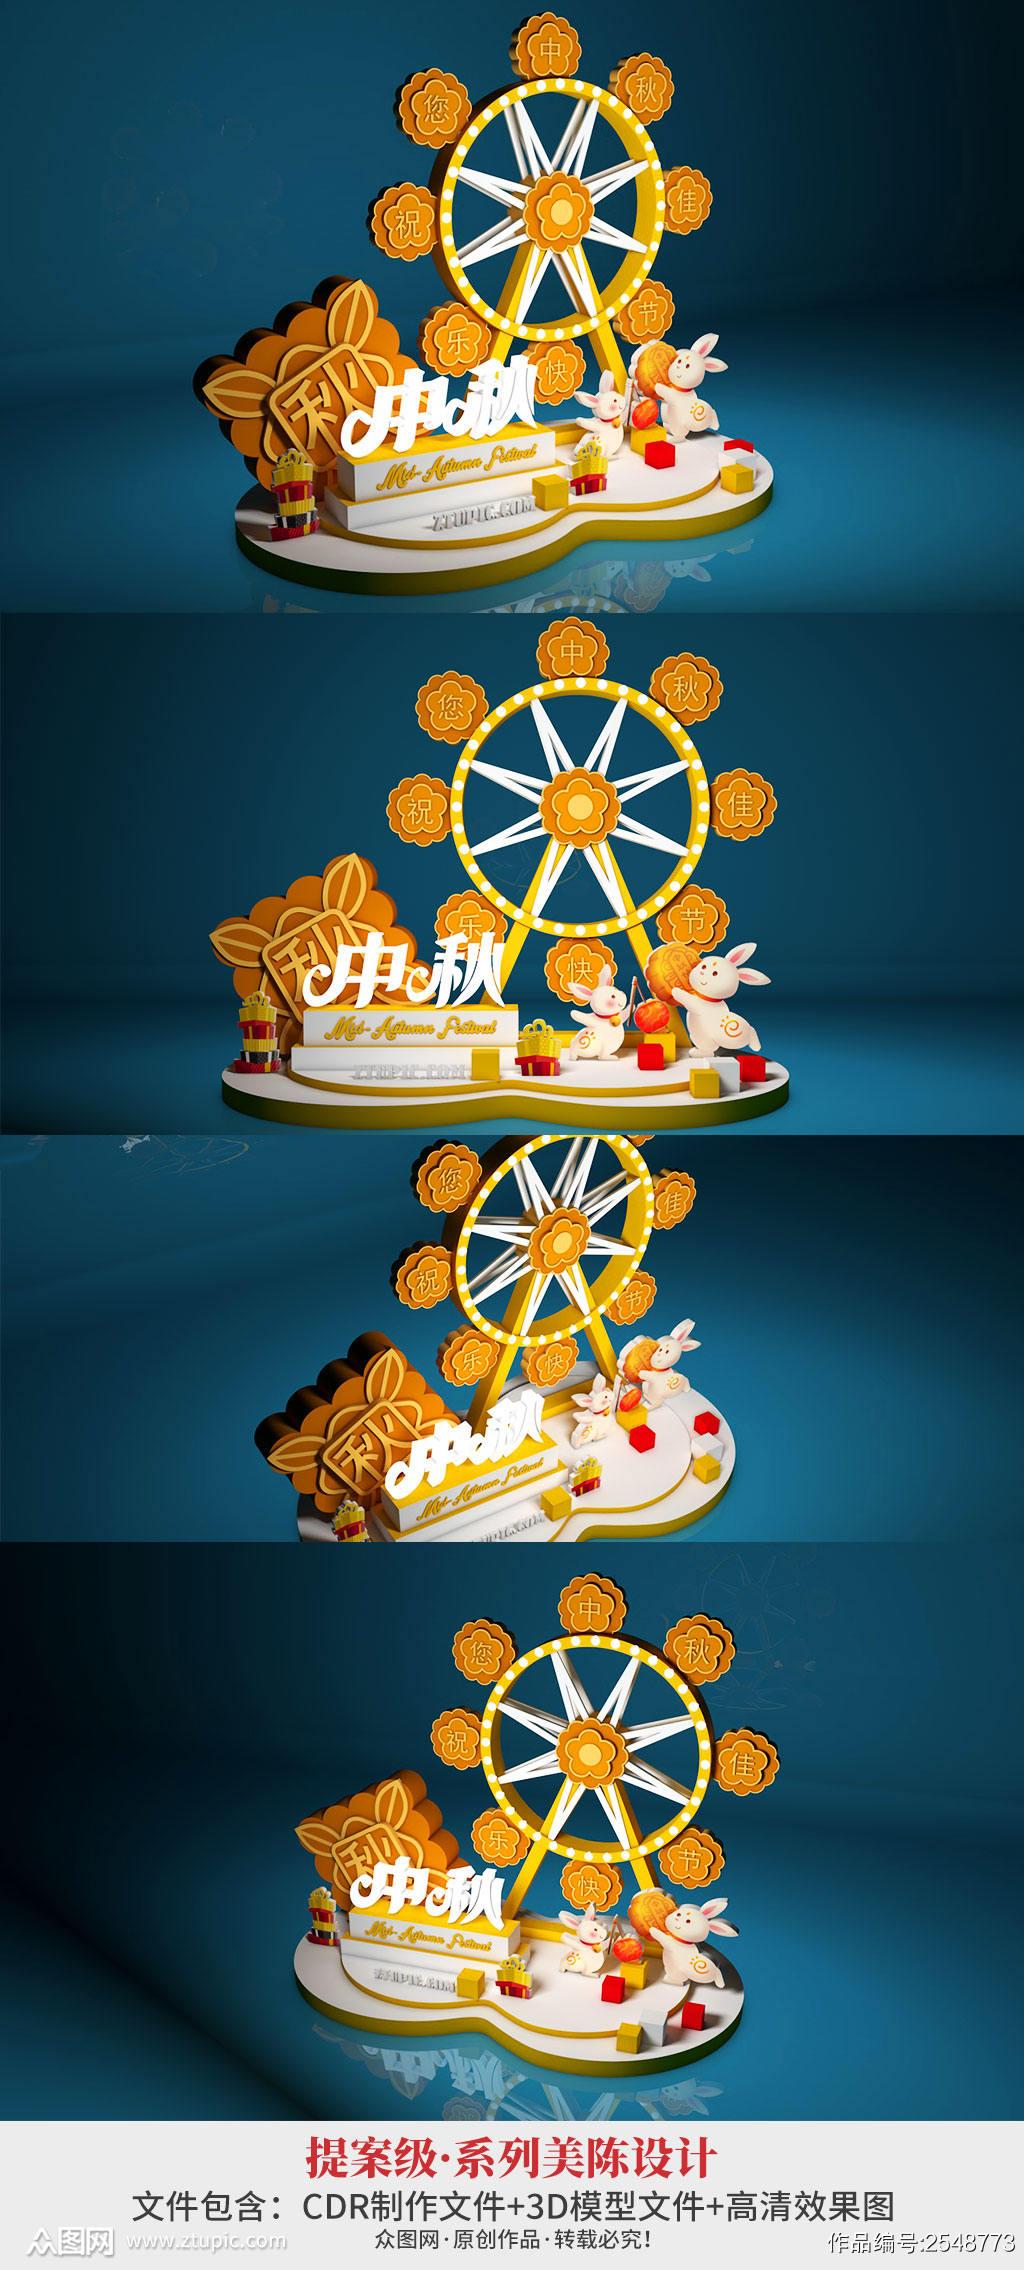 C4D卡通兔子月饼摩天轮美陈中秋节美陈素材